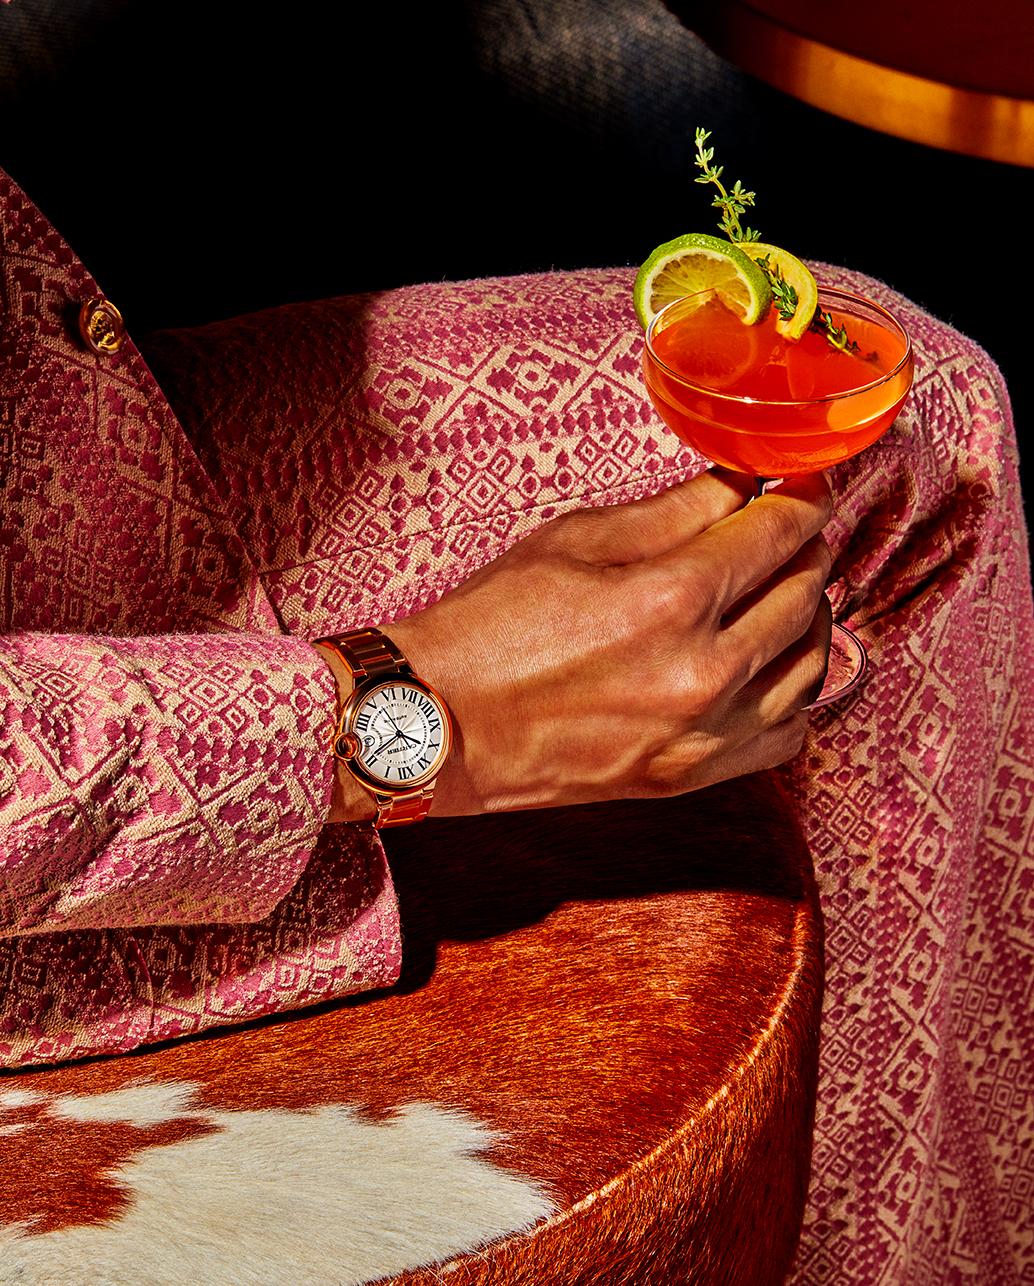 Ballon Bleu de Cartier's watch, 18-karat rose gold, 40 mm. Cartier Love 18-karat rose gold bracelet. Gucci wool suit. Firetip drink